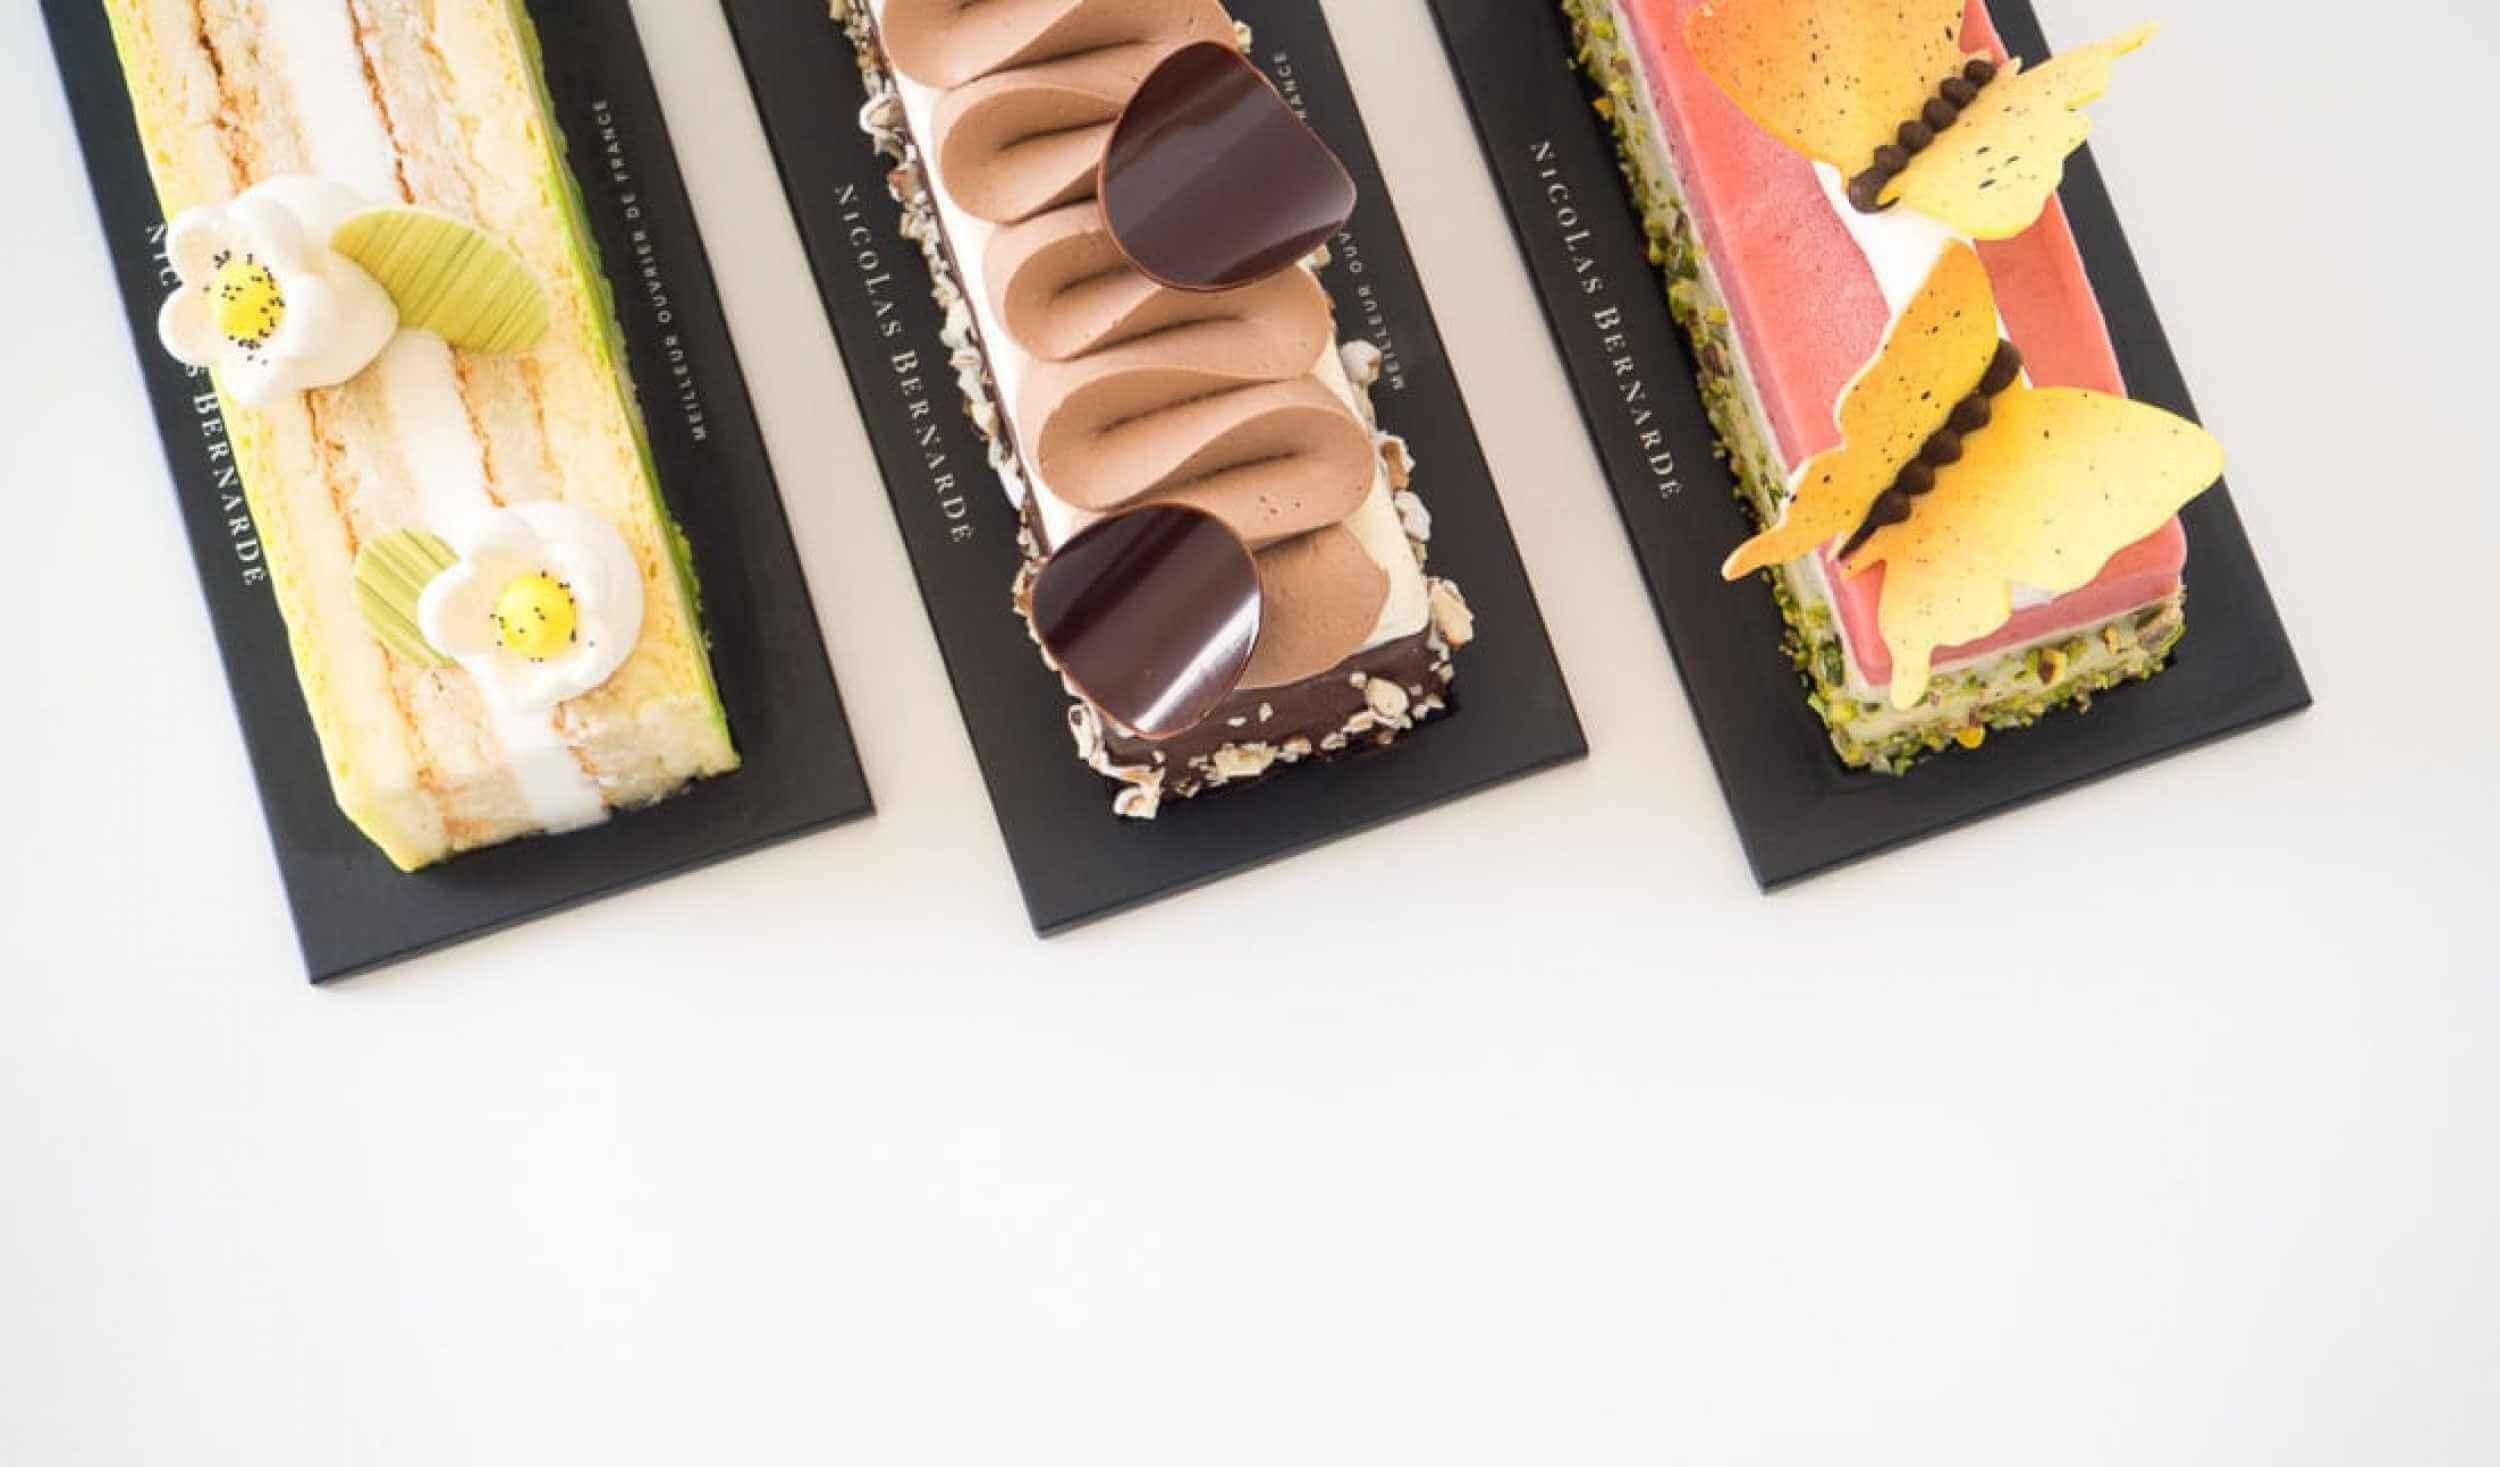 Cake-glacé